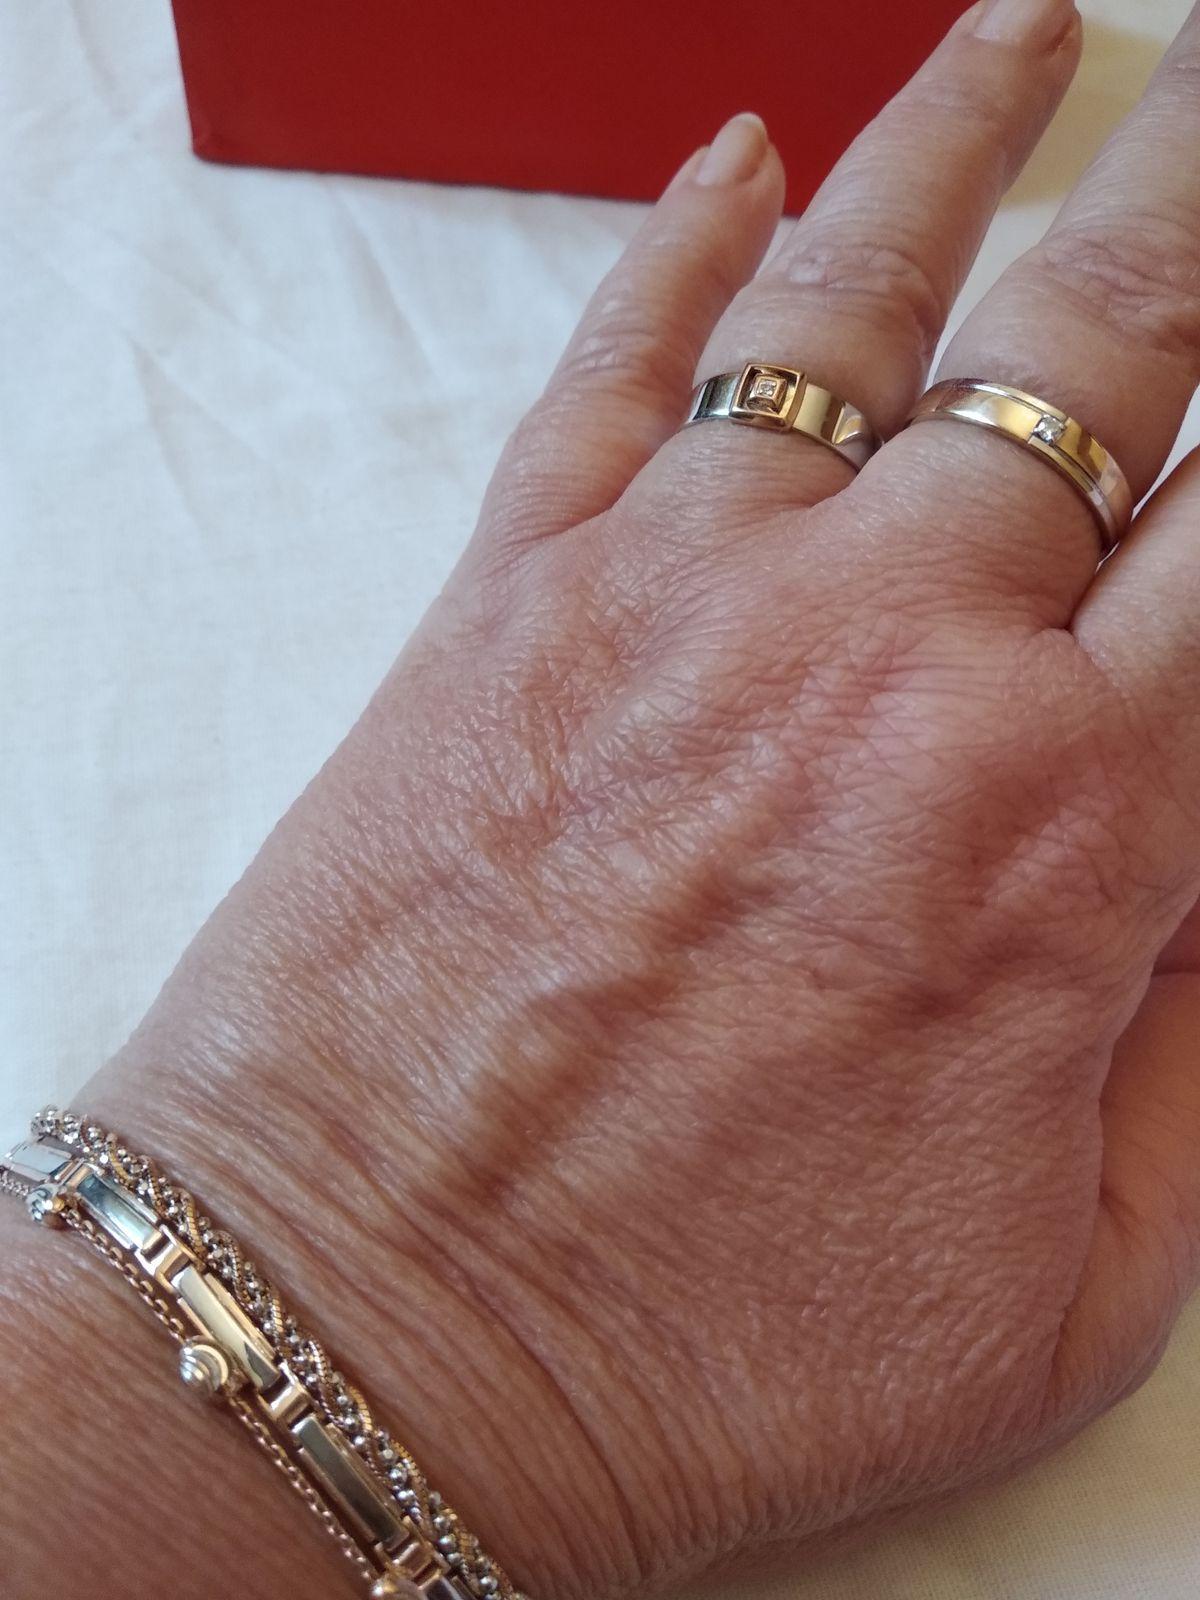 Бриллианты бывают в серебре.